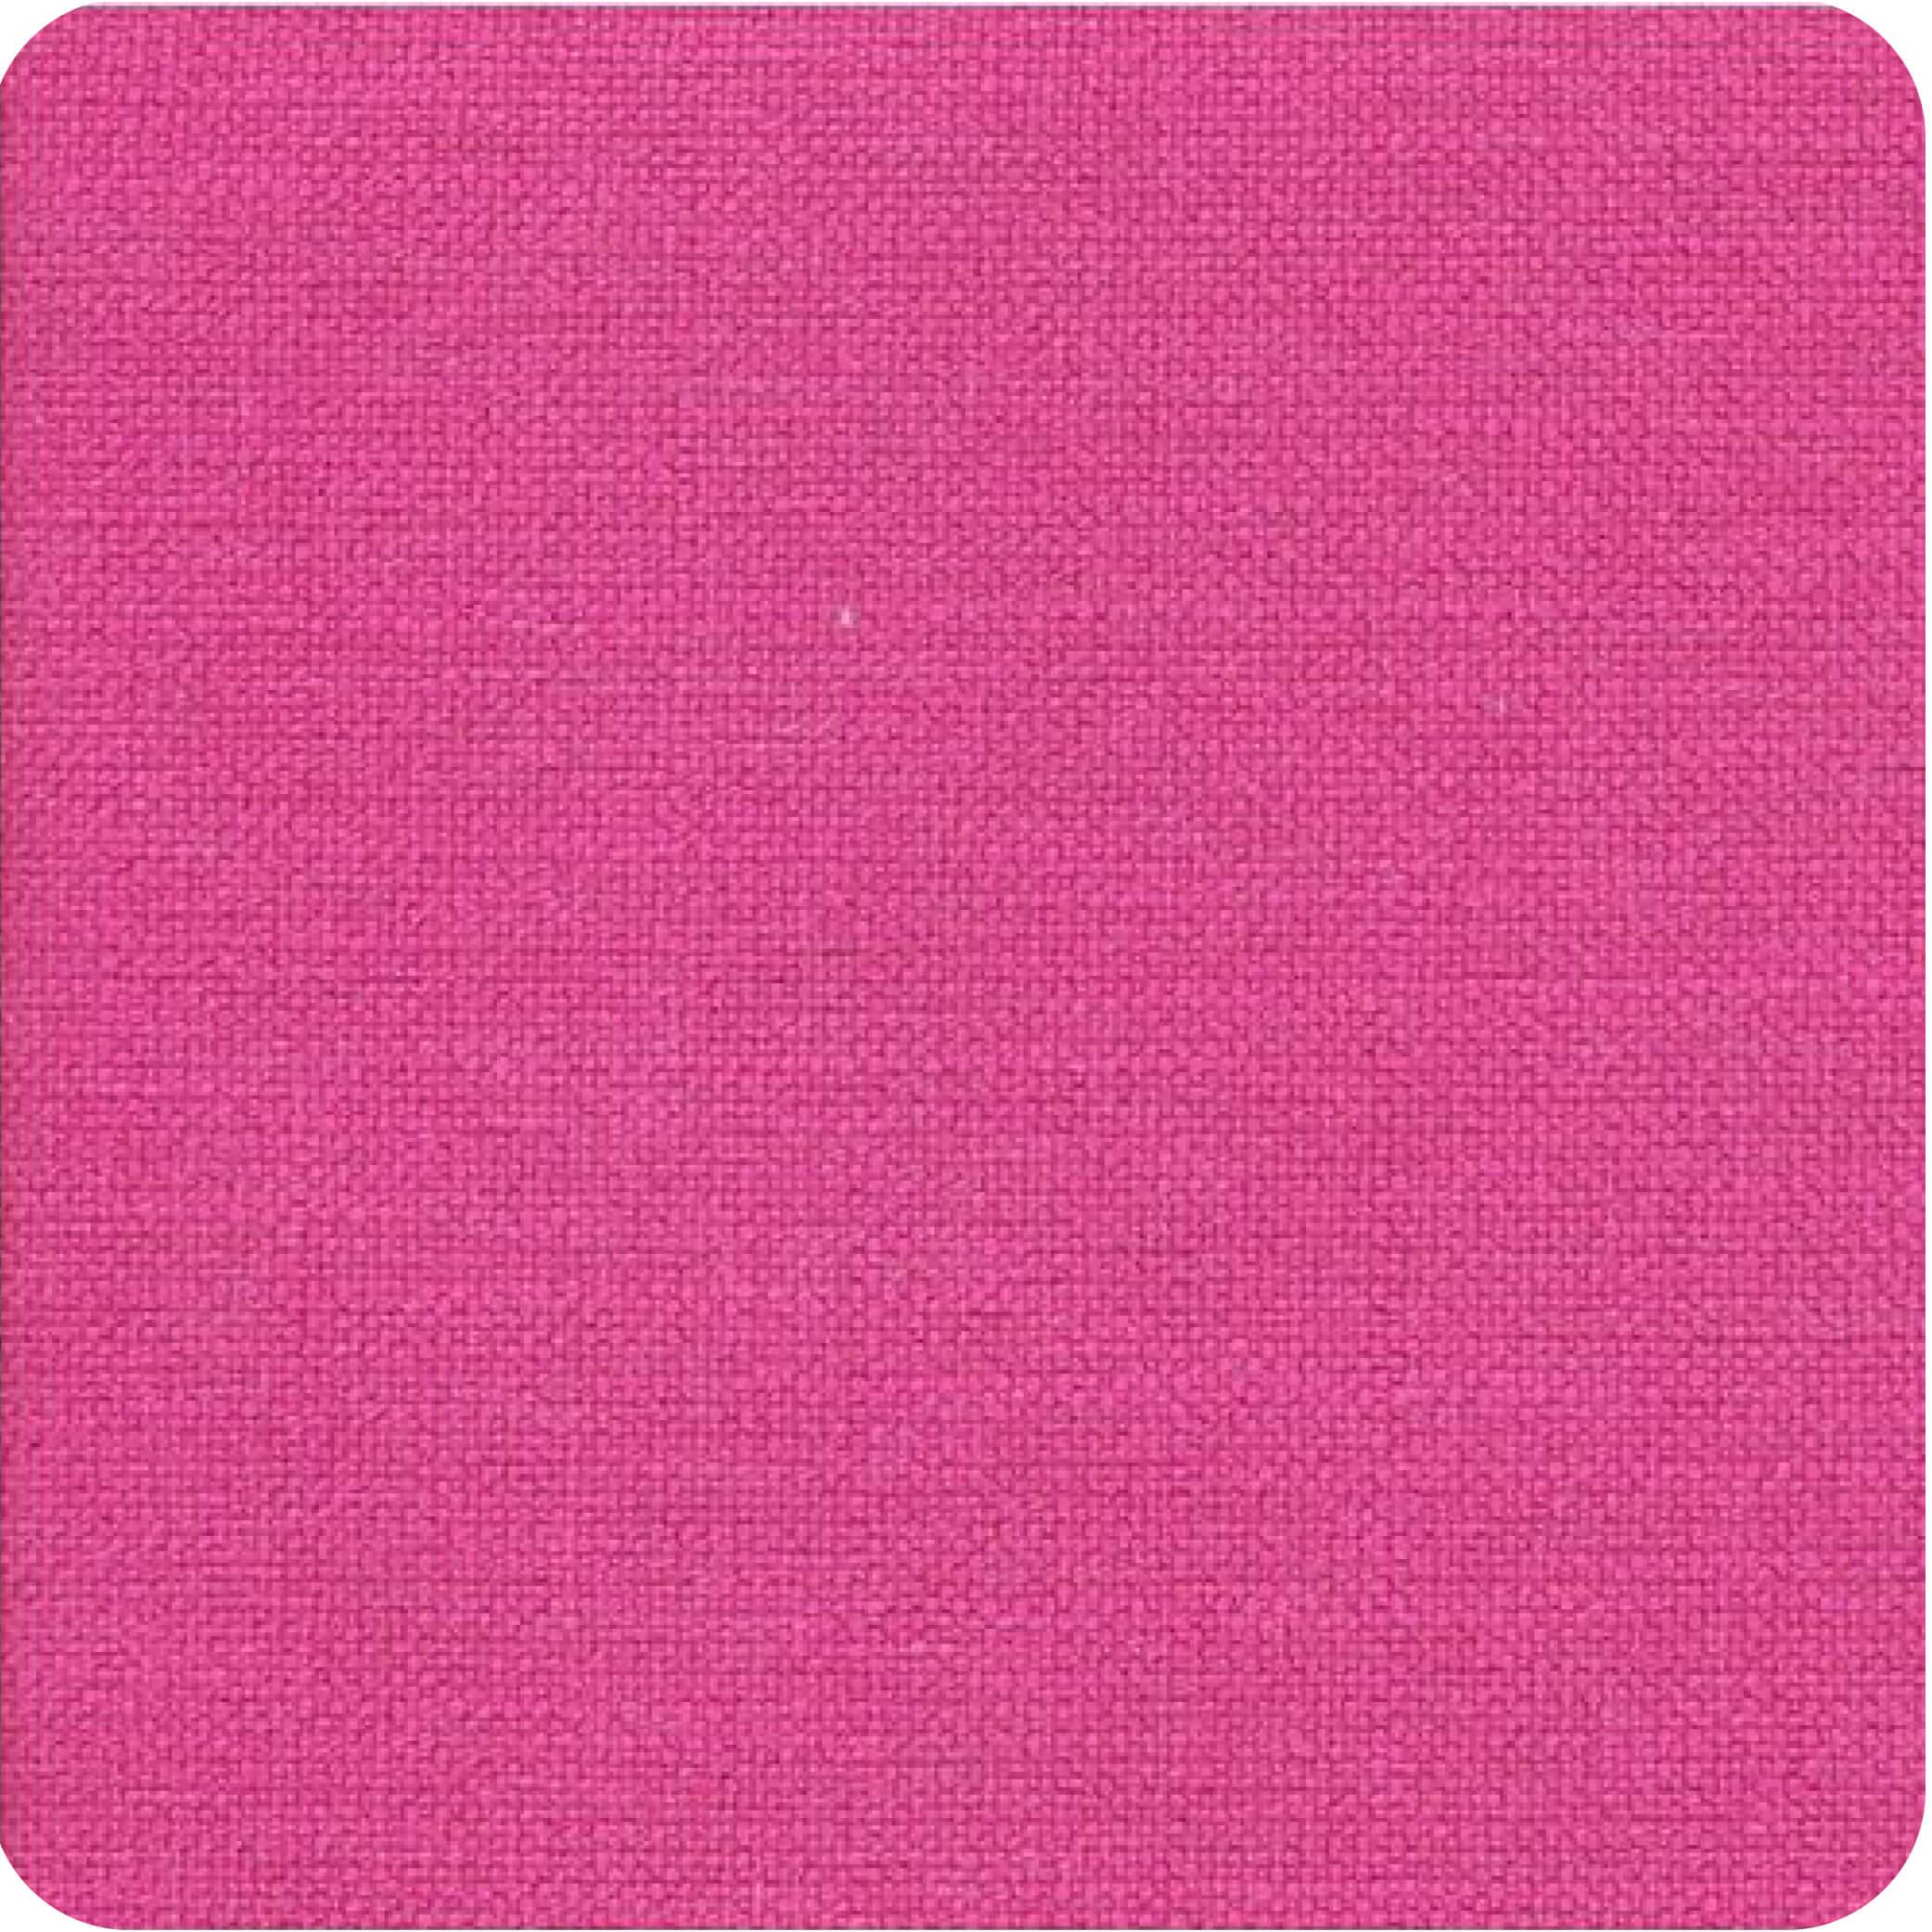 avfi-fabrics-fnb069